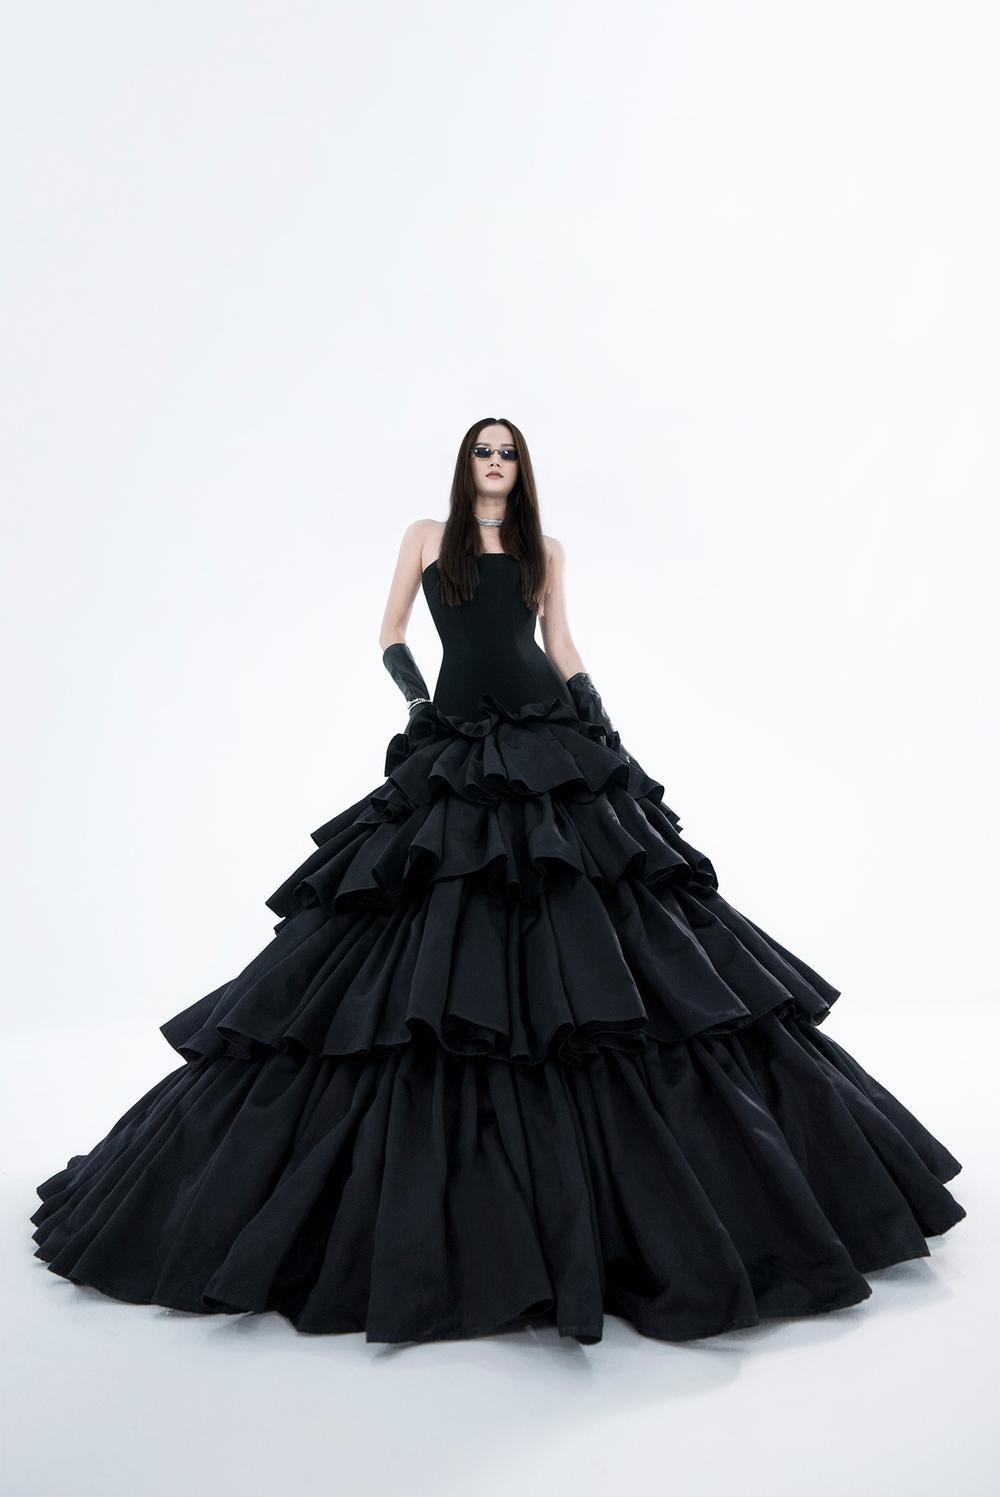 NTK Trần Hùng ra mắt BST tại London Fashion Week, chỉ dùng một người mẫu duy nhất Ảnh 2